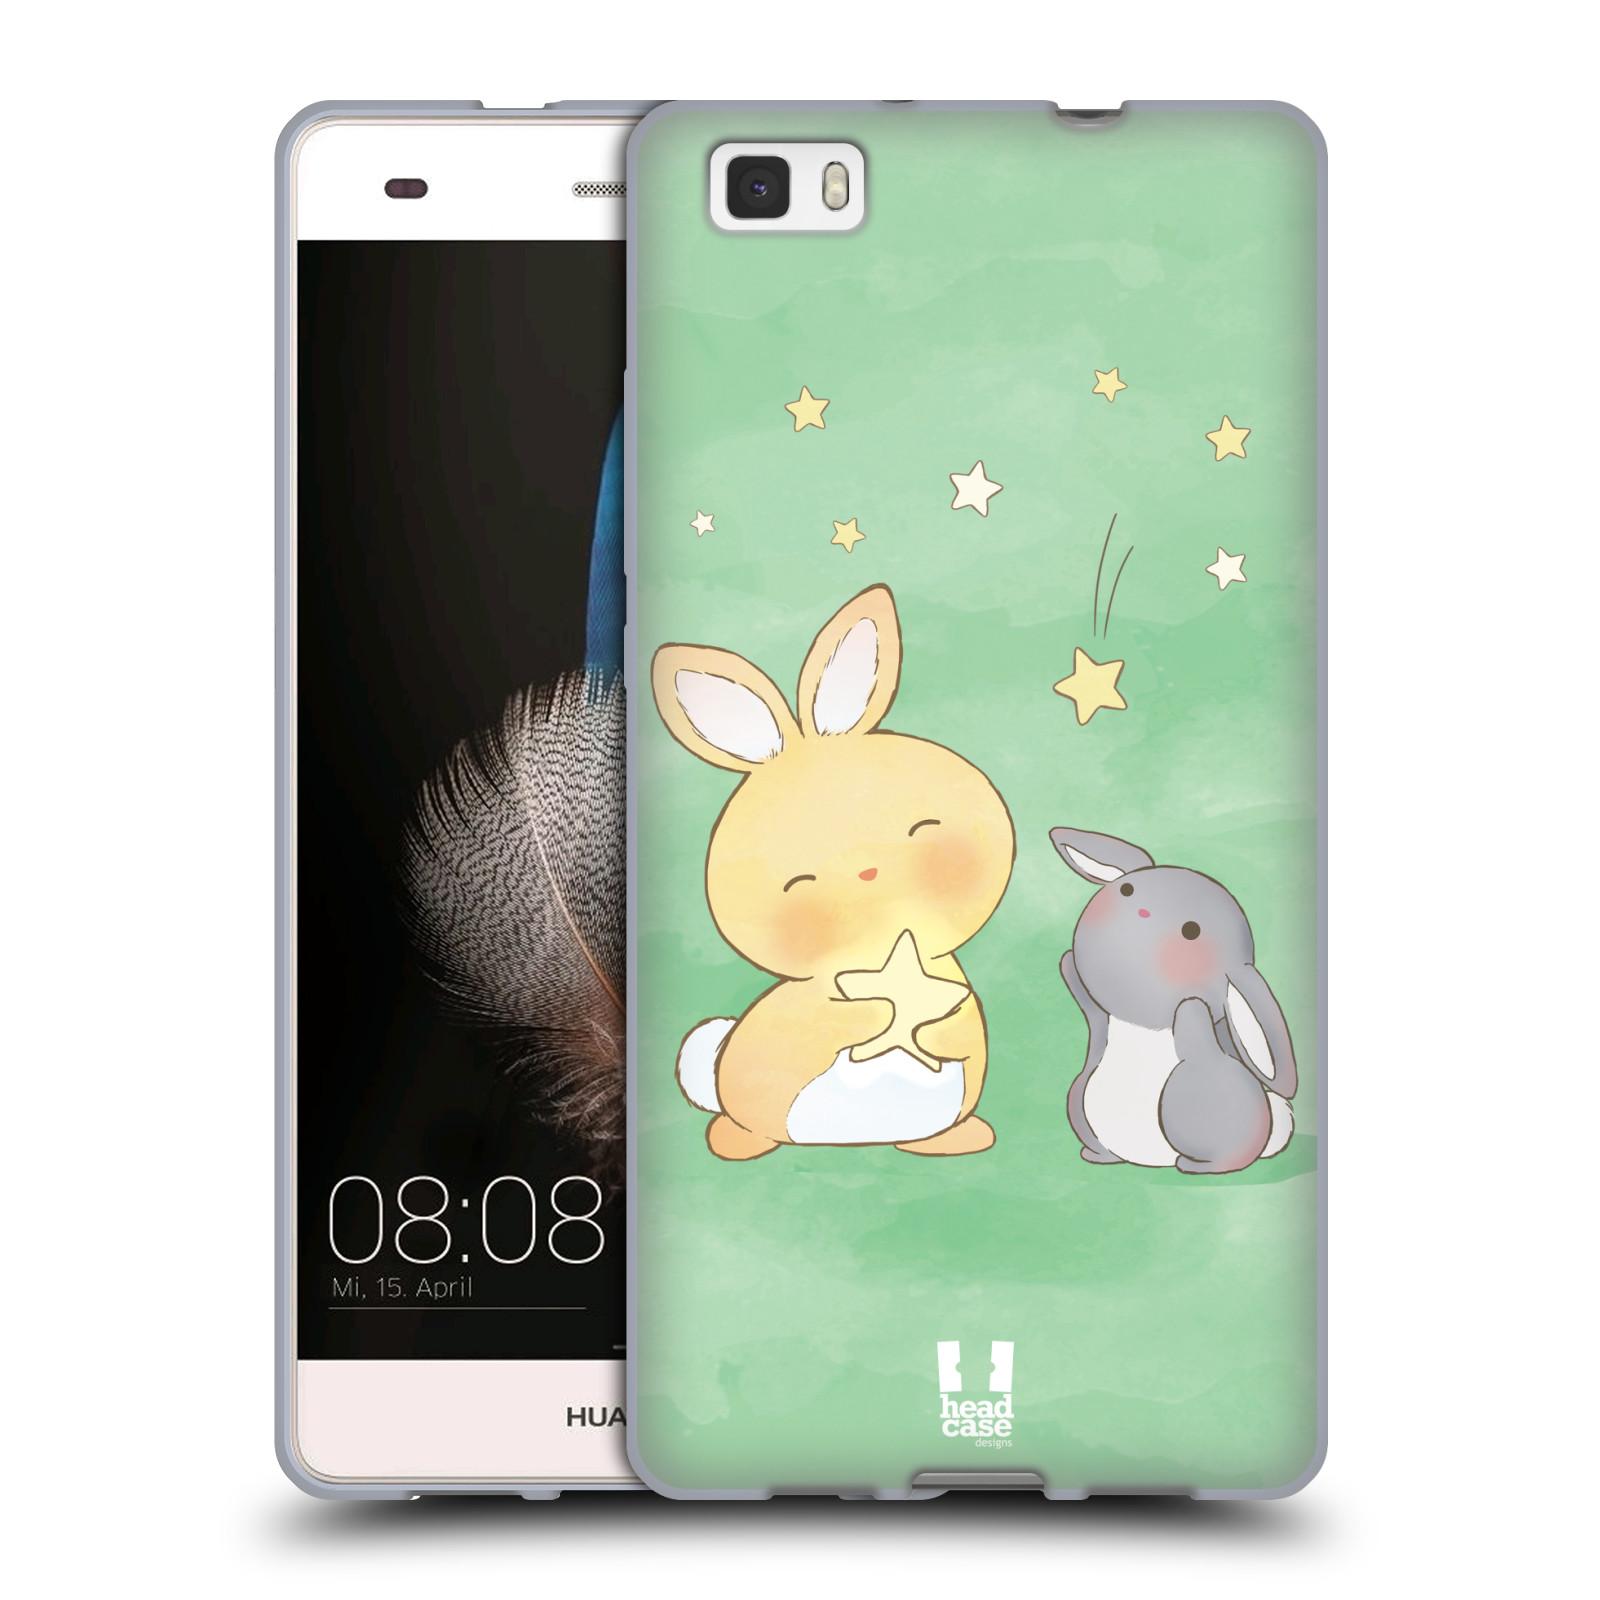 HEAD CASE silikonový obal na mobil HUAWEI P8 LITE vzor králíček a hvězdy zelená